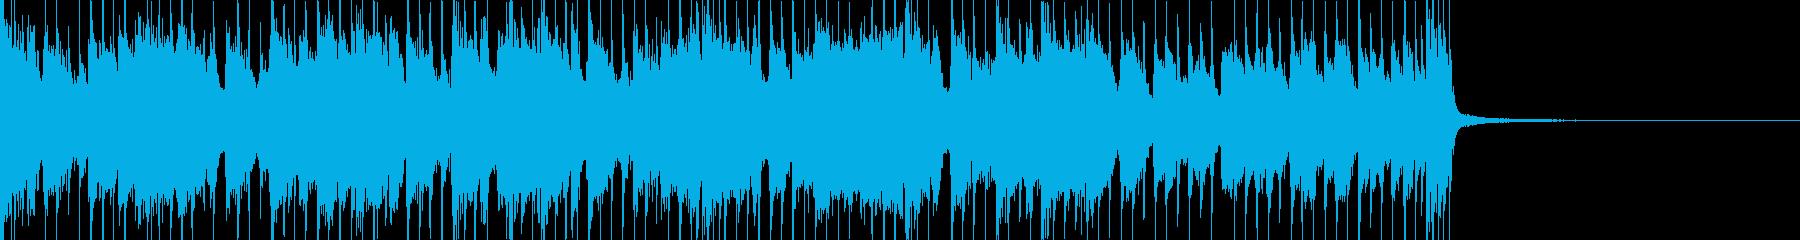 各パートごと掛け合いのあるバンドサウンドの再生済みの波形